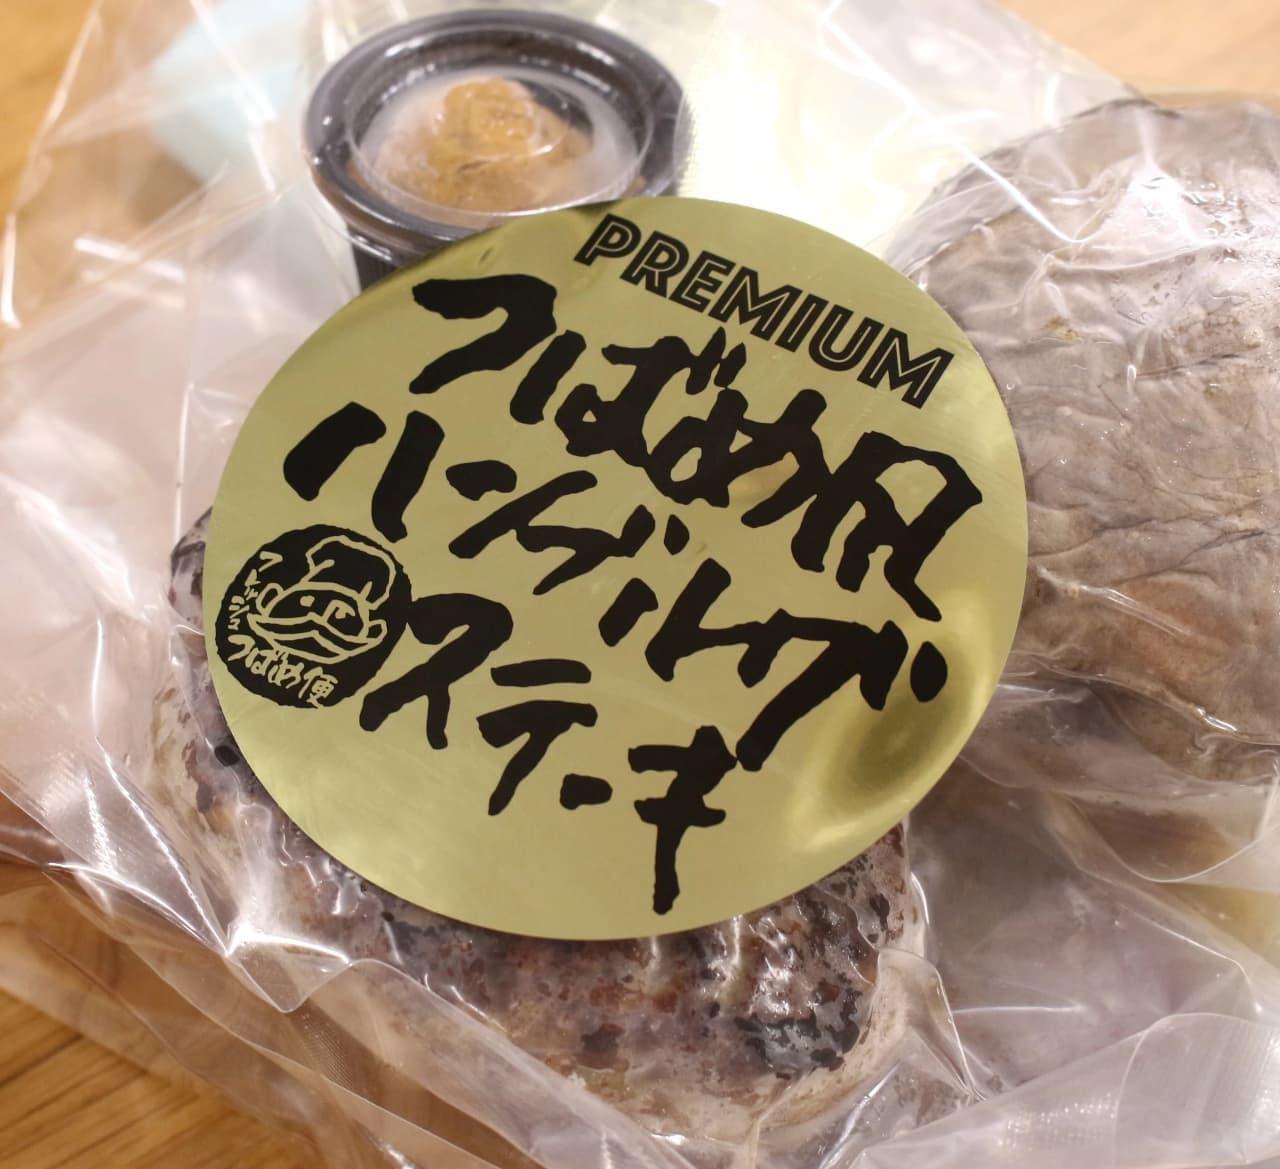 つばめグリル「PREMIUM つばめ風ハンブルグステーキ」